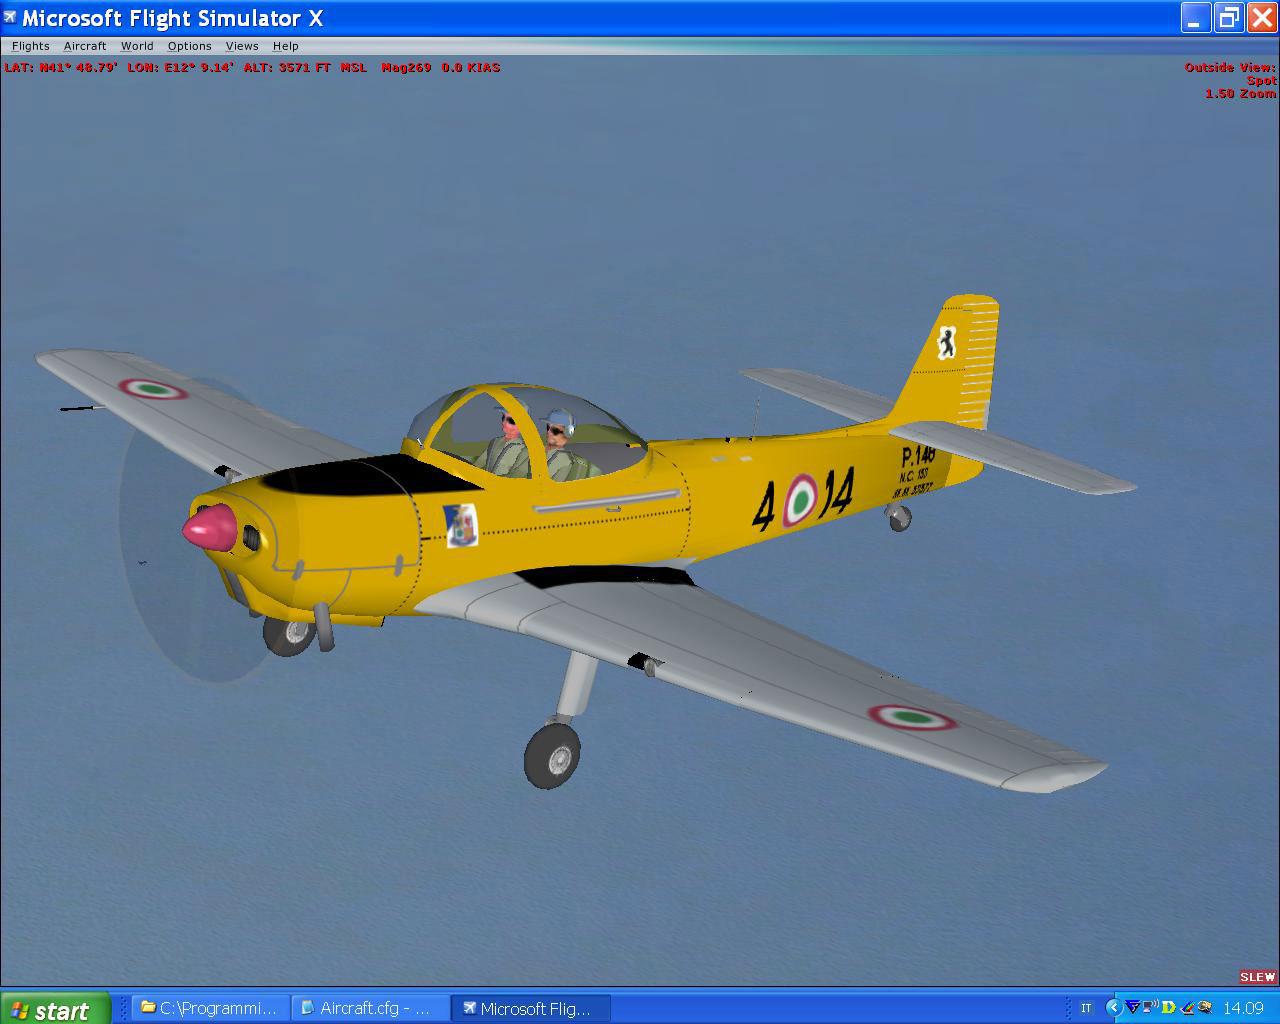 Yellow piaggio p 148 in flight